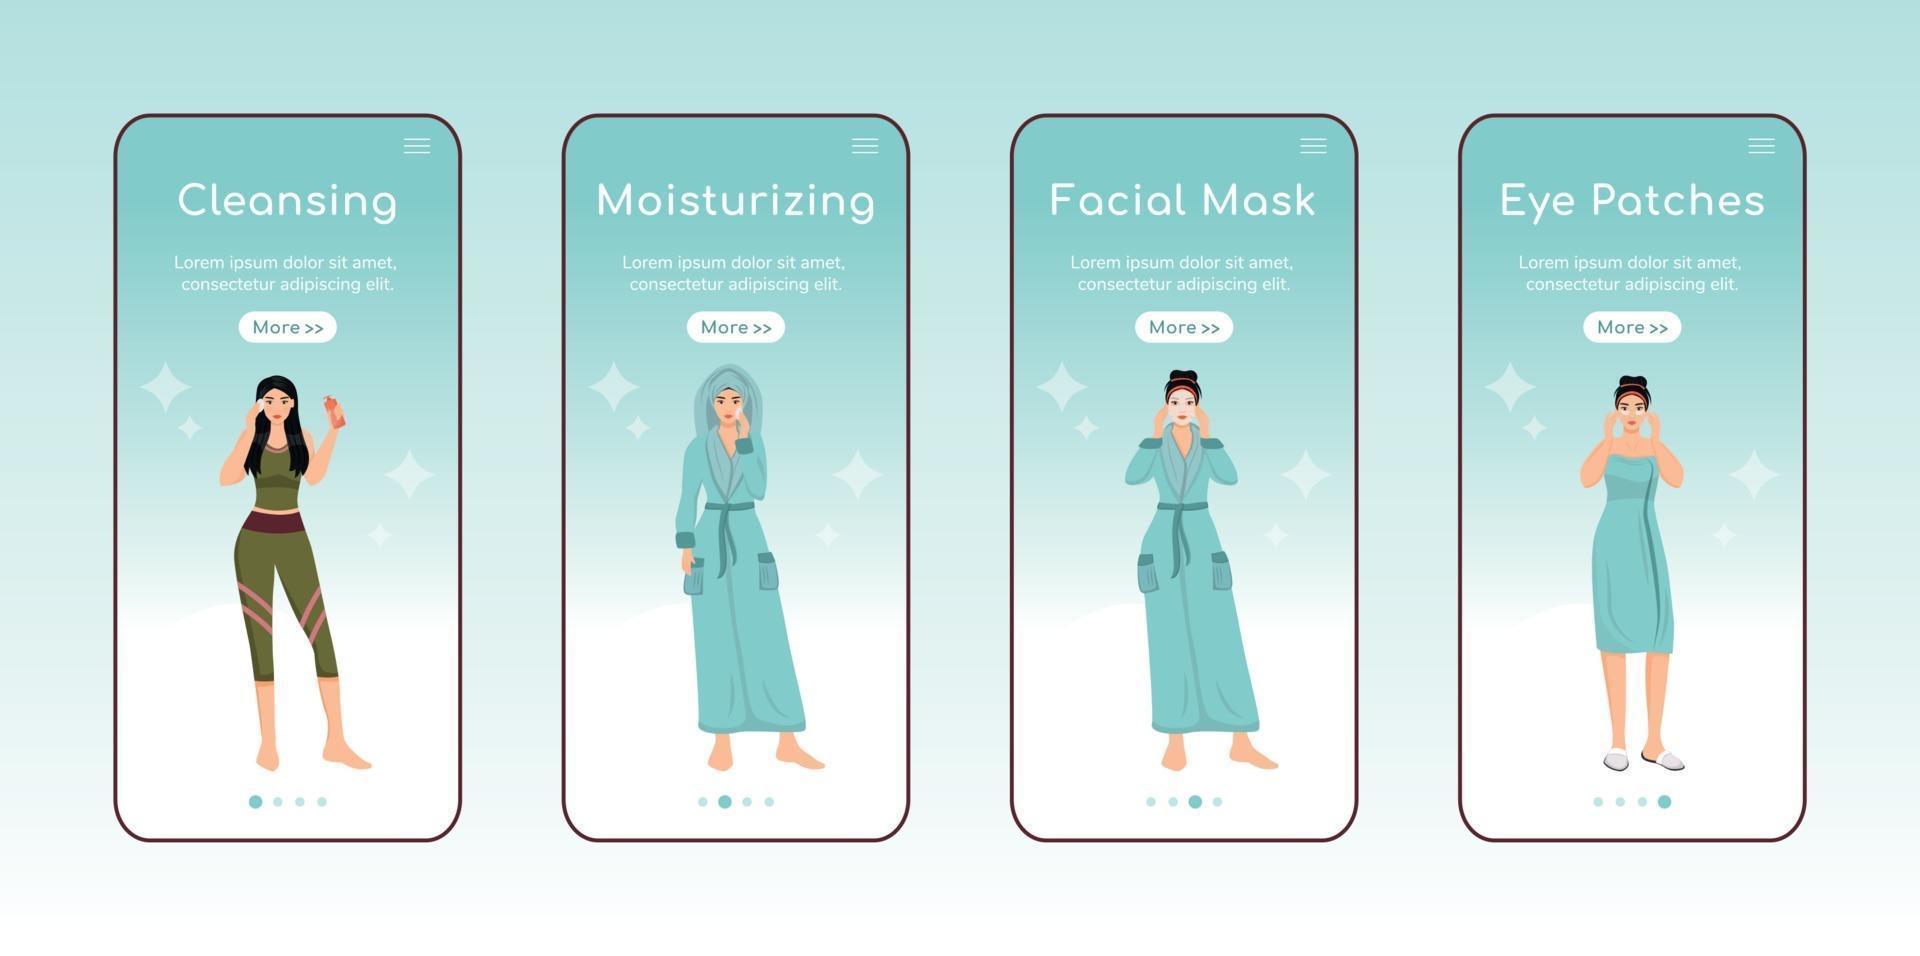 Hautpflege Schritte Onboarding Mobile App Bildschirm flache Vektor-Vorlage. Gesichtsreinigung und Feuchtigkeitsversorgung. exemplarische Website Schritte mit Zeichen. UX, UI, GUI Smartphone Cartoon-Oberfläche, Falldrucke eingestellt vektor